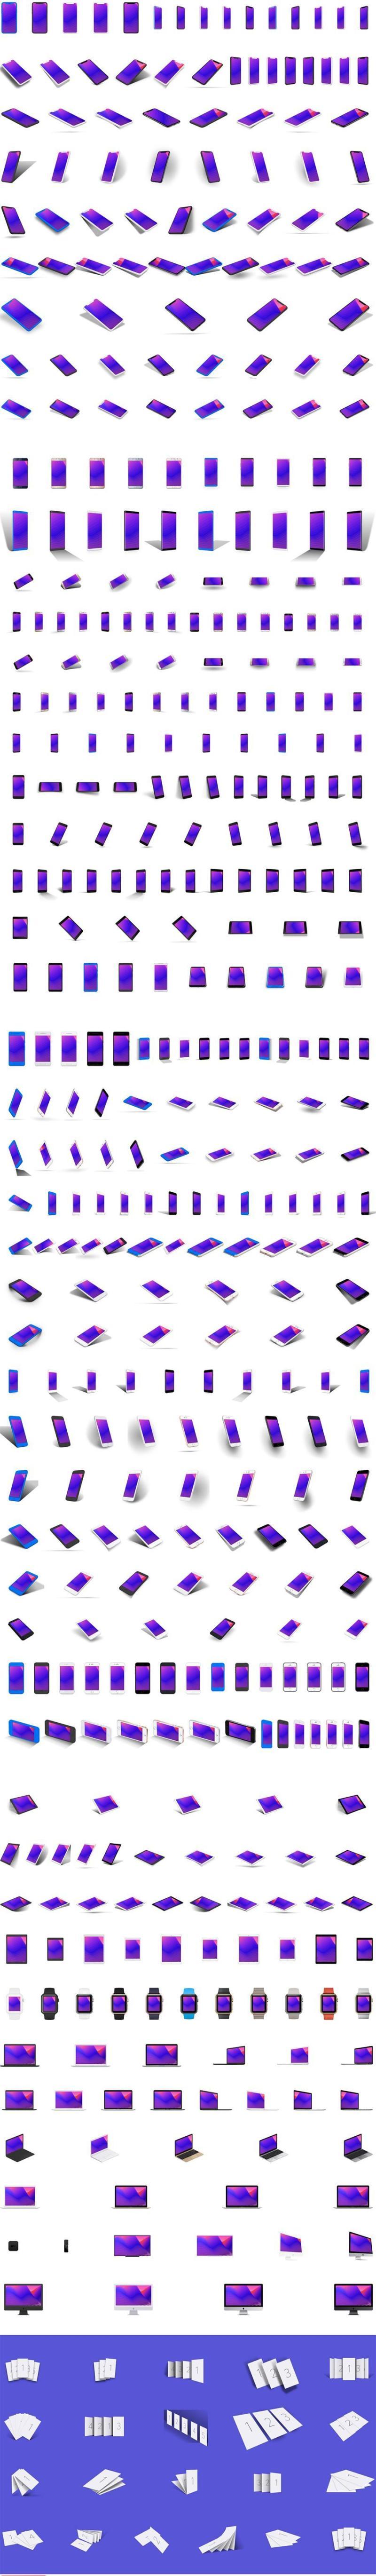 500个移动设备展示模型样机Sketch源文件格式100%矢量元素(包含136张高像素炫彩背景桌面壁纸)